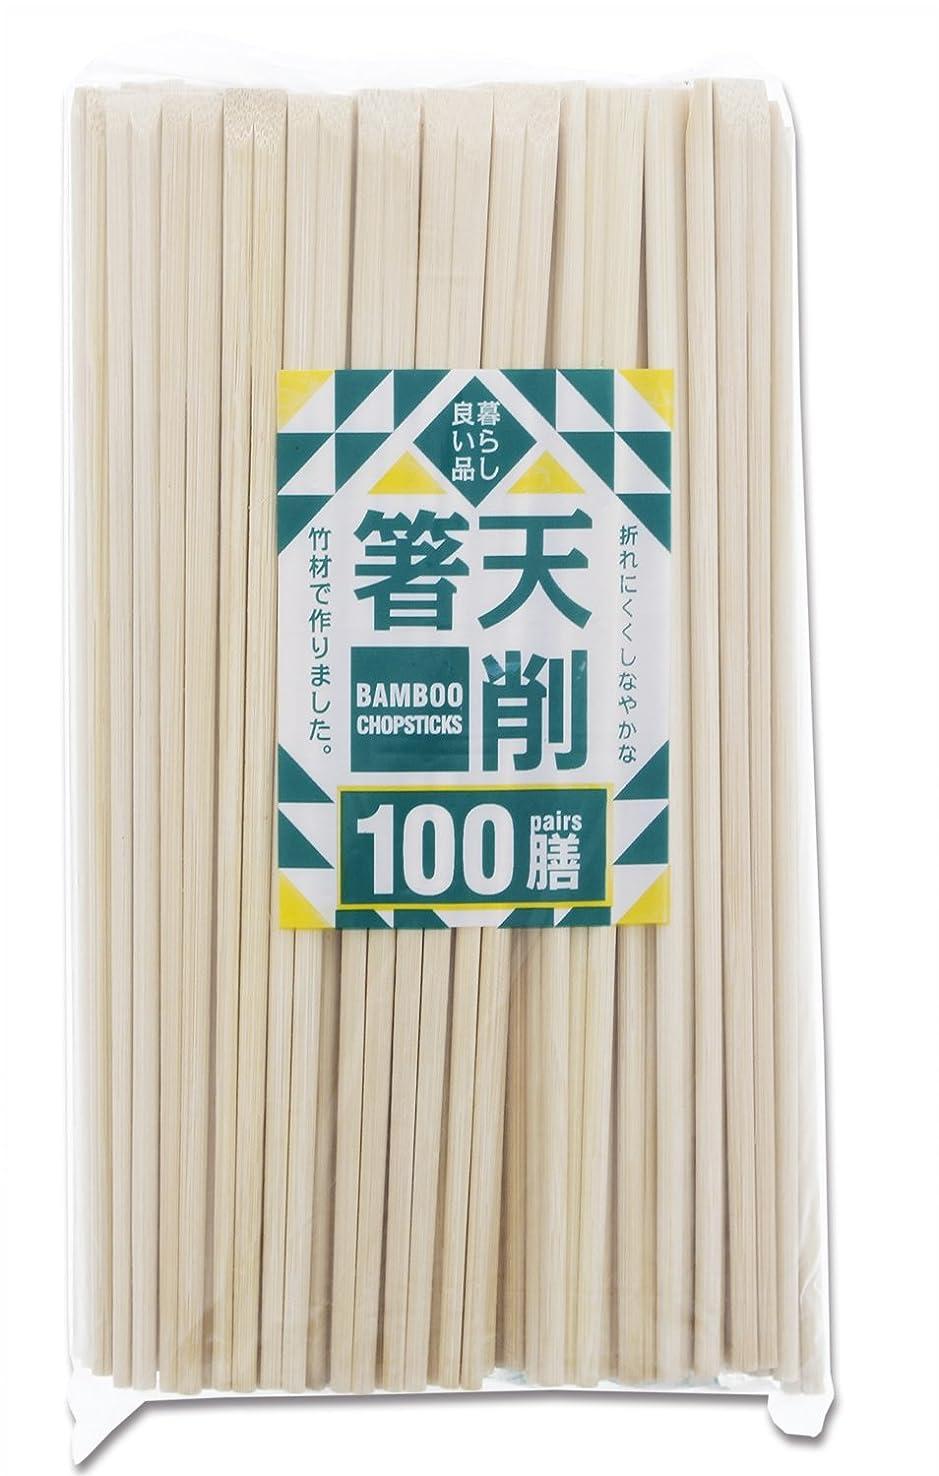 高齢者コンパイル魅了する割り箸 暮らし良い品 竹 天削箸 すこし長めで高級感の24cm 100膳入り